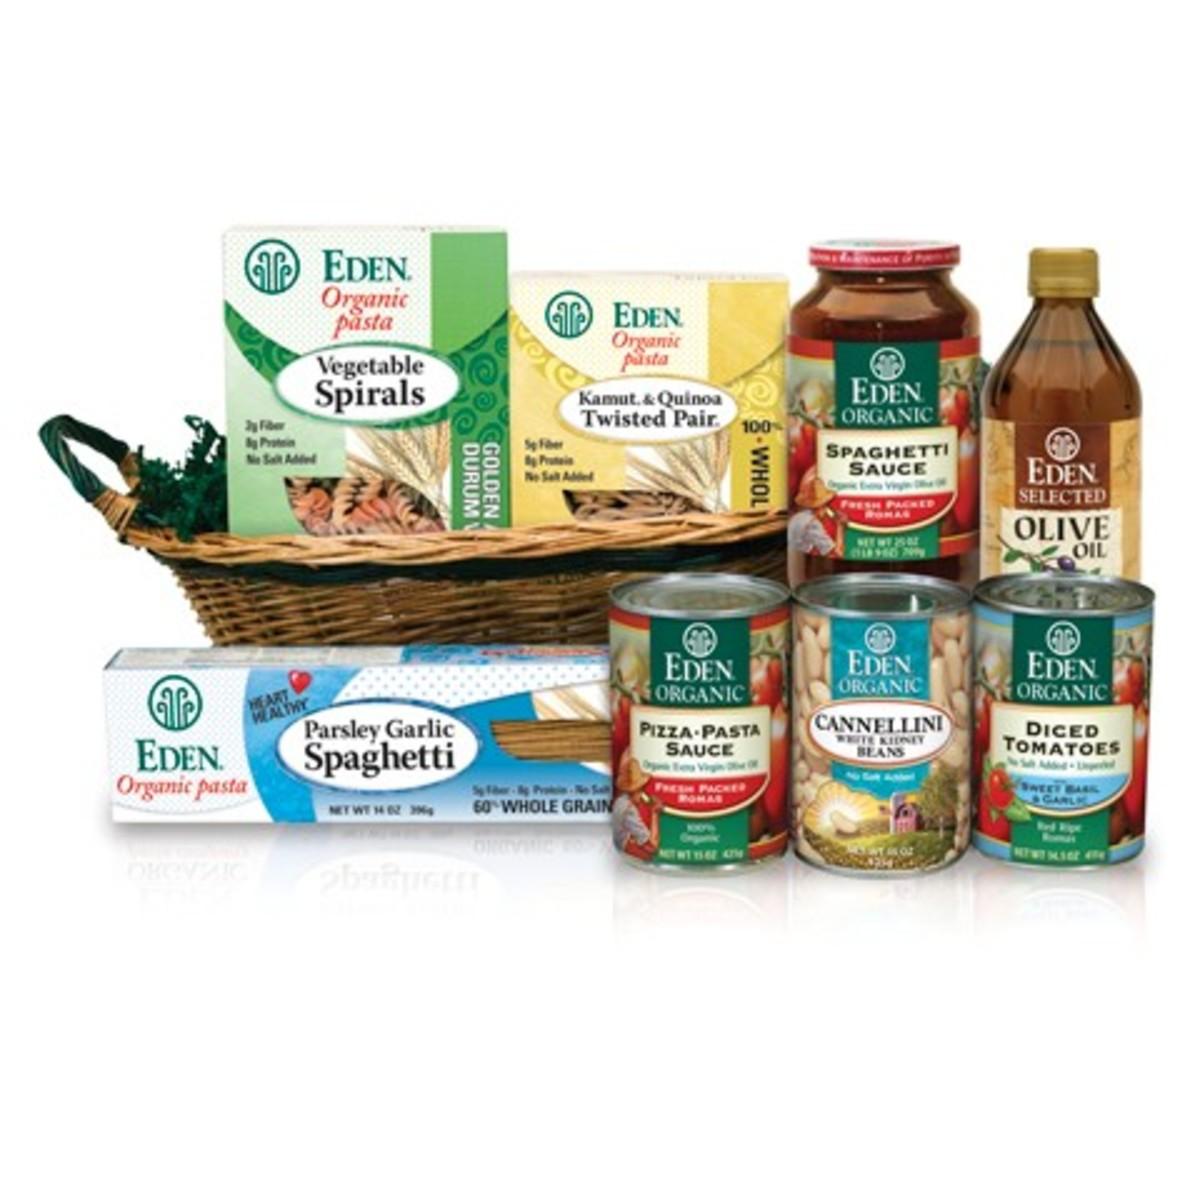 eden Food Gift basket